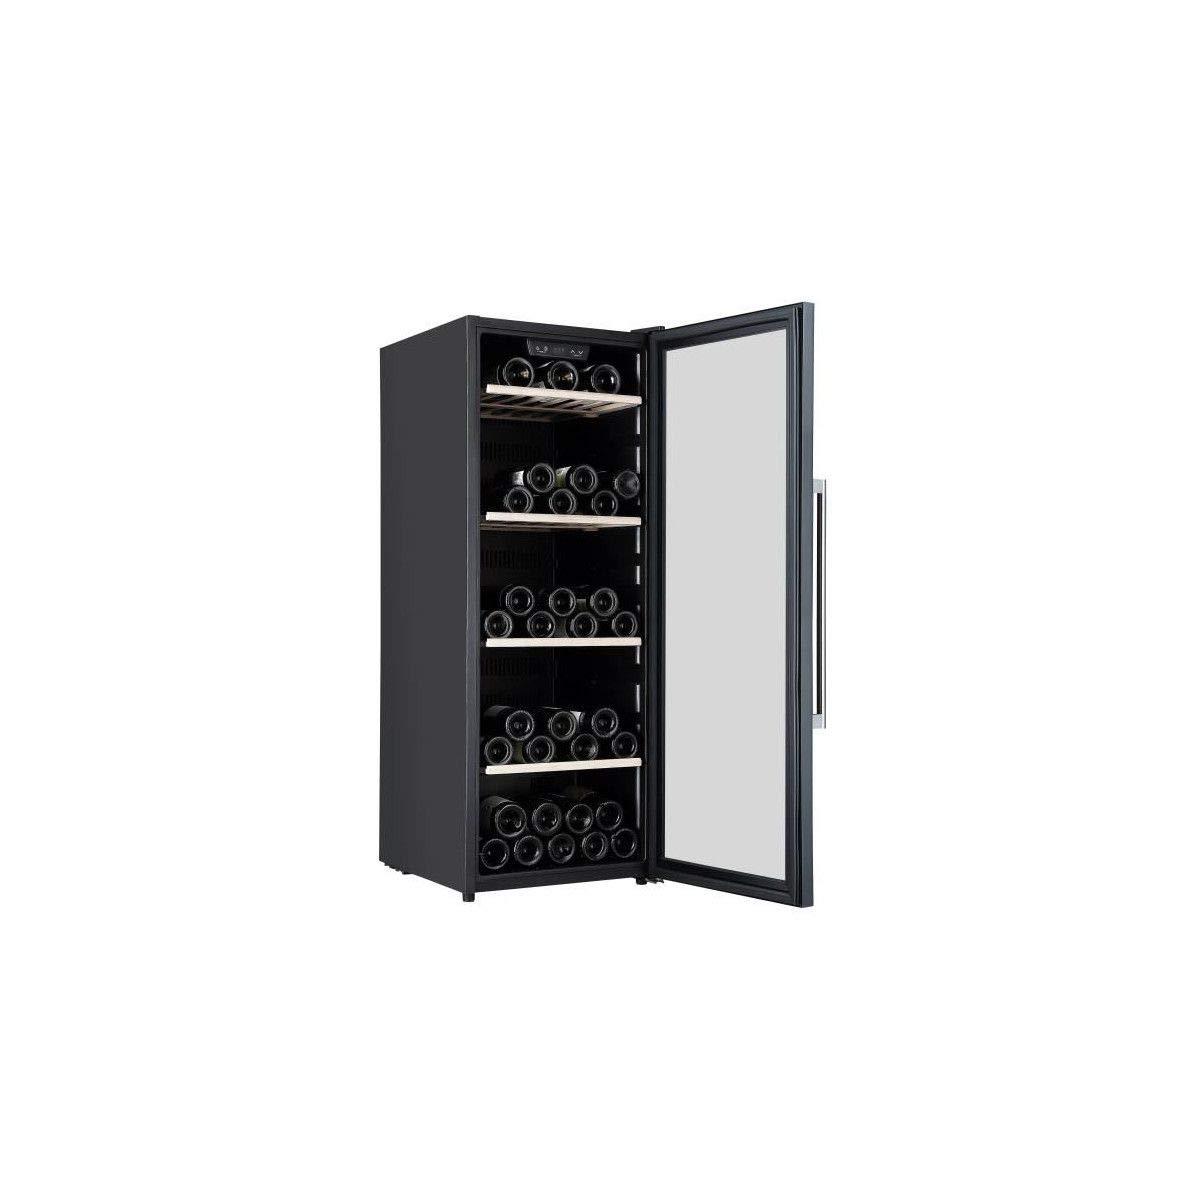 Continental edison cecwc105 - Cave a vin de Service - 105 Bouteilles - Pose Libre - Classe b - l 48 x h 128,5 cm